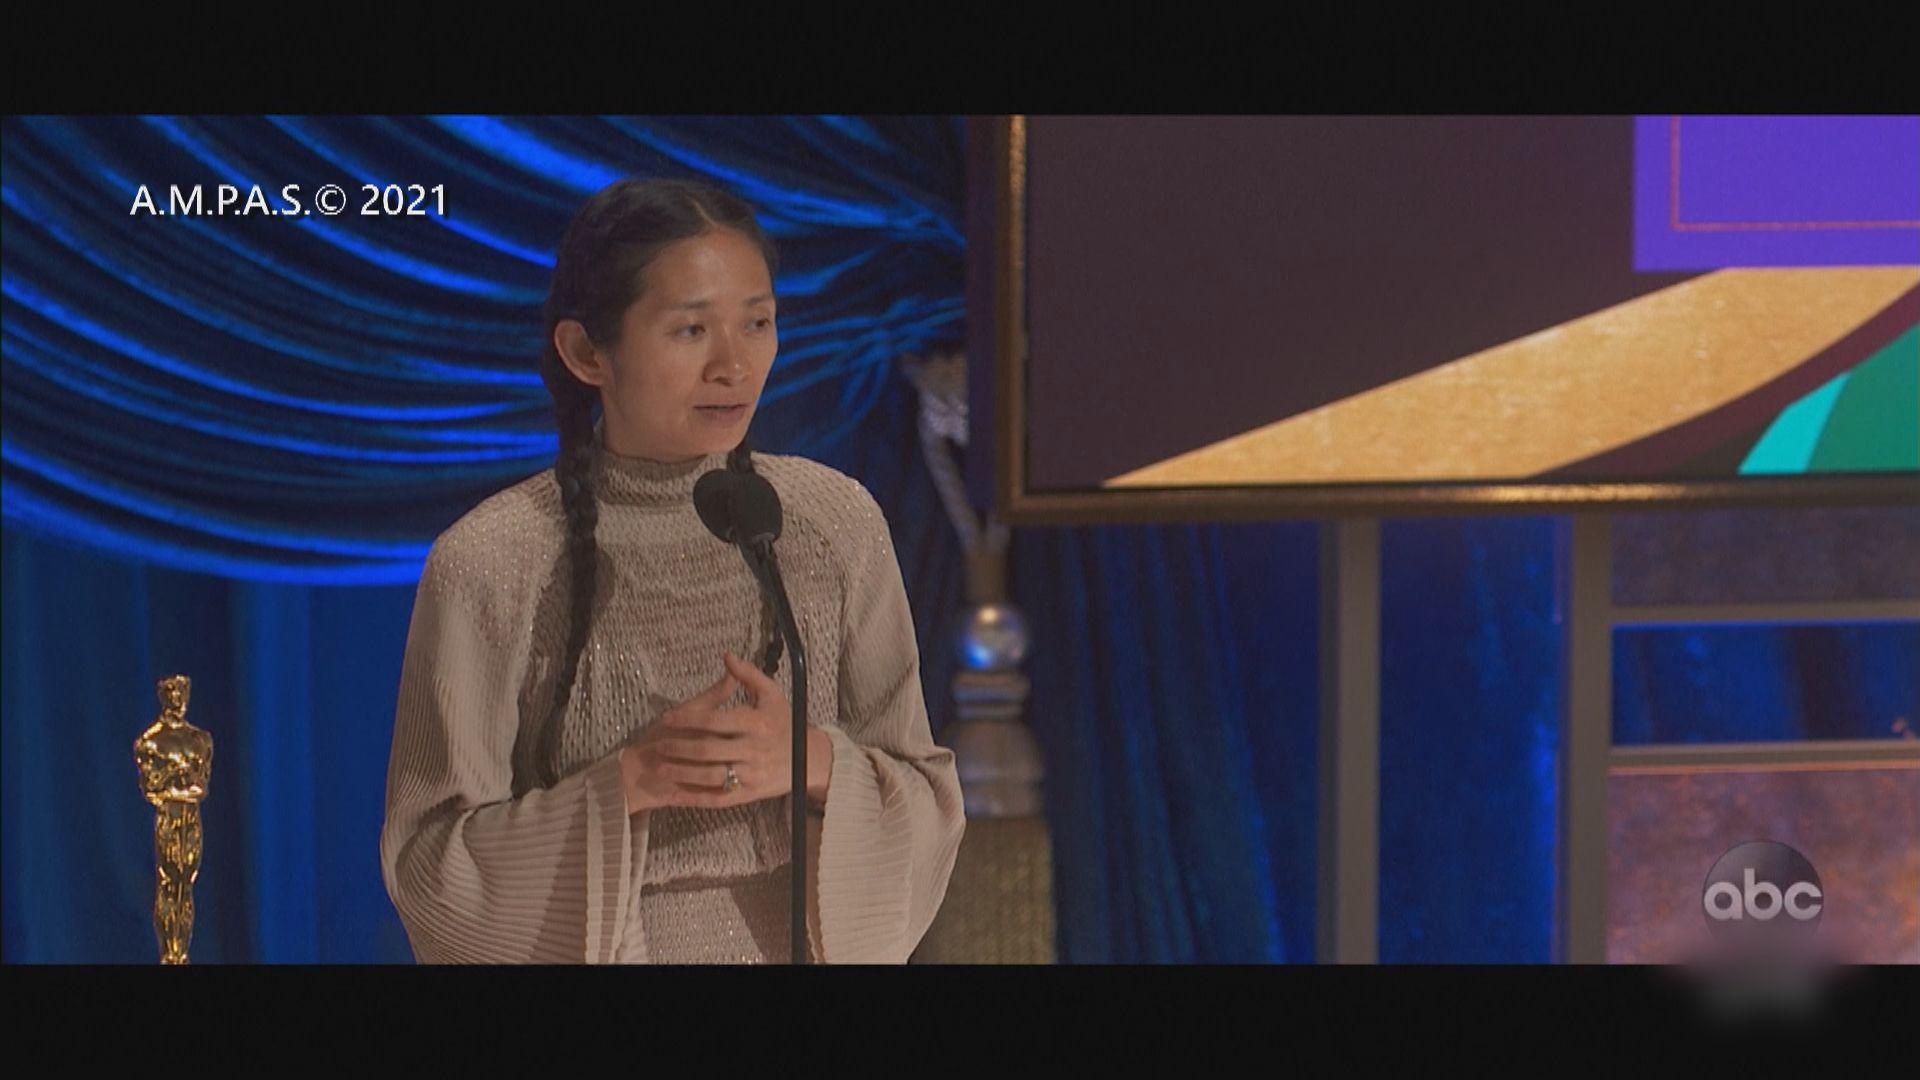 華裔導演趙婷奪奧斯卡最佳導演 得獎感言提及三字經